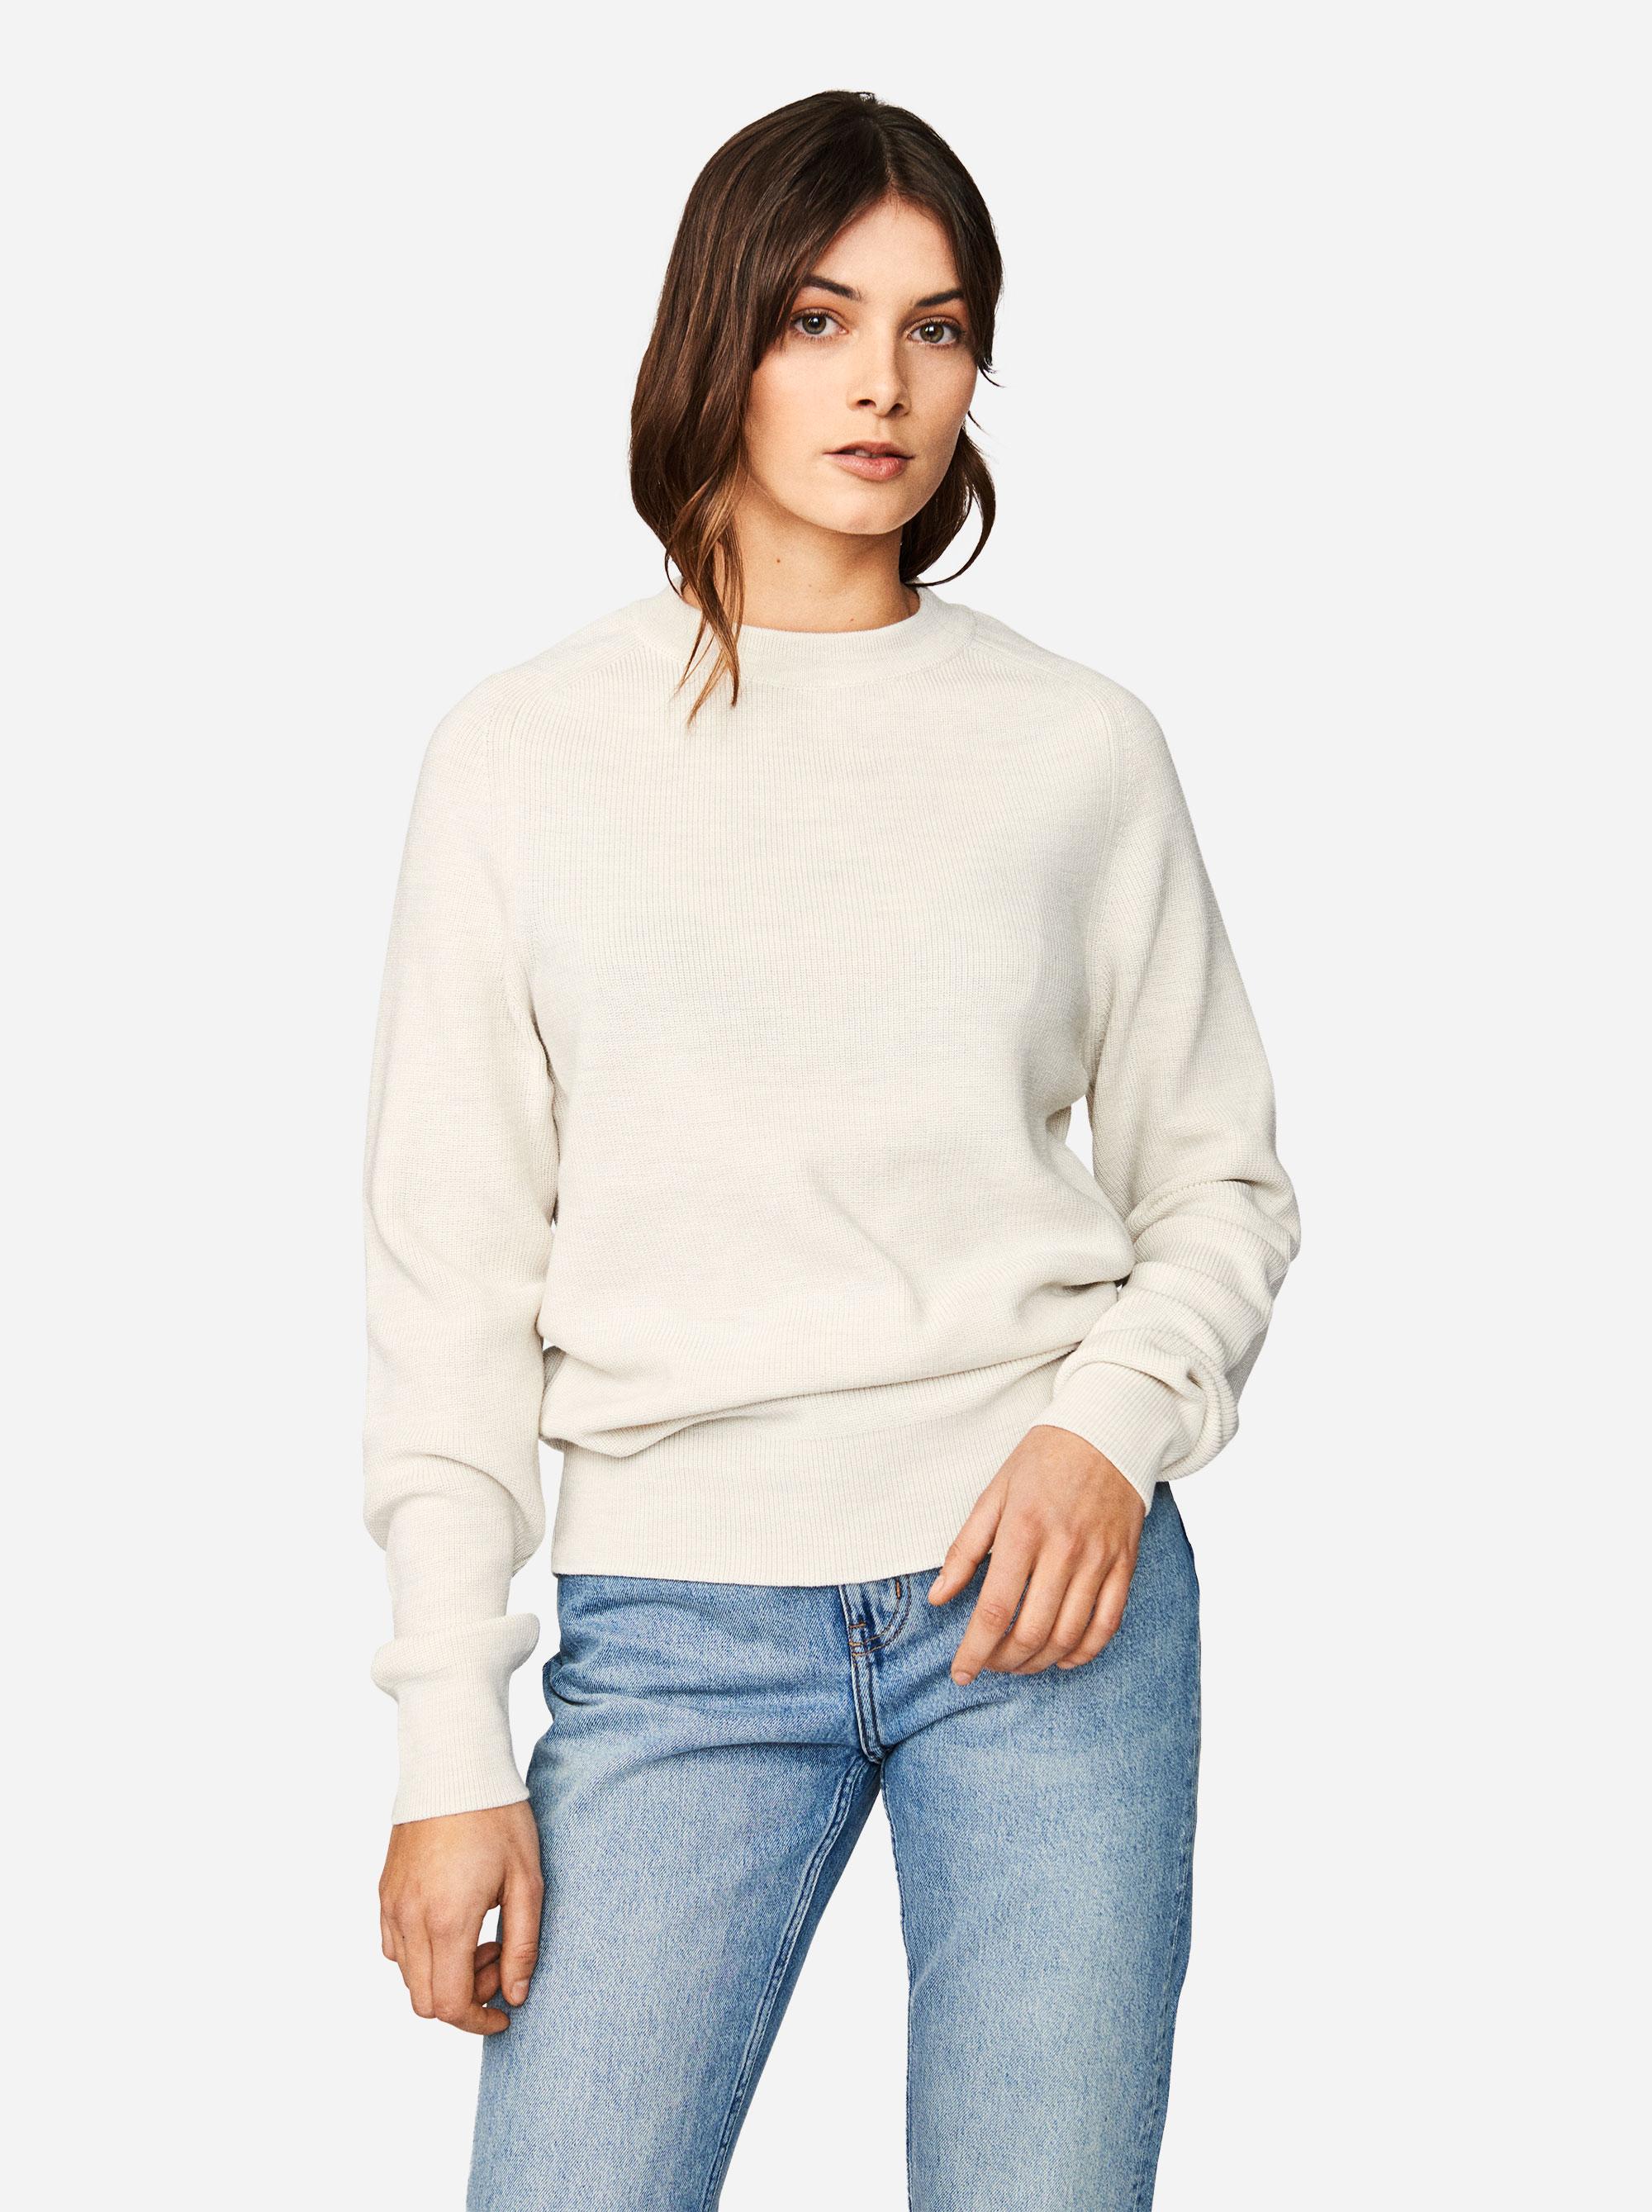 Teym - Crewneck - The Merino Sweater - Women - White - 4